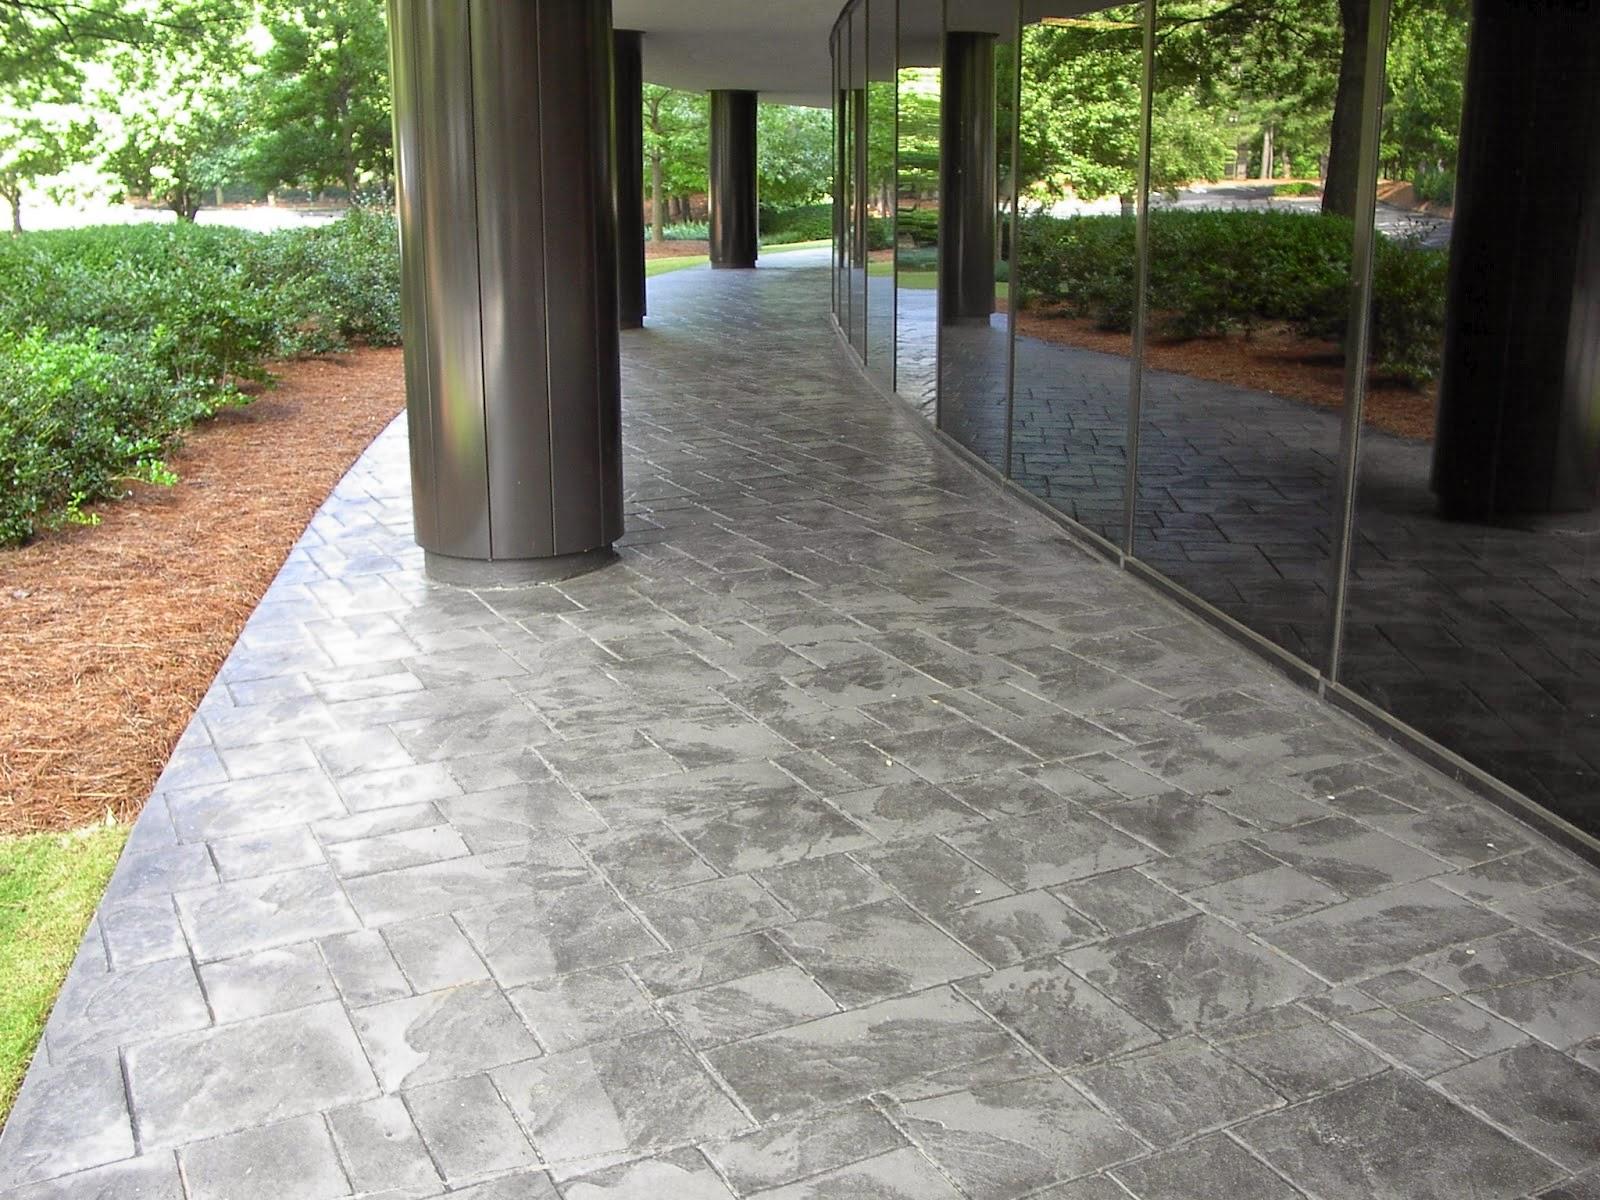 Hormigon impreso benissa cemento impreso benissa - Hormigon decorativo para suelos ...